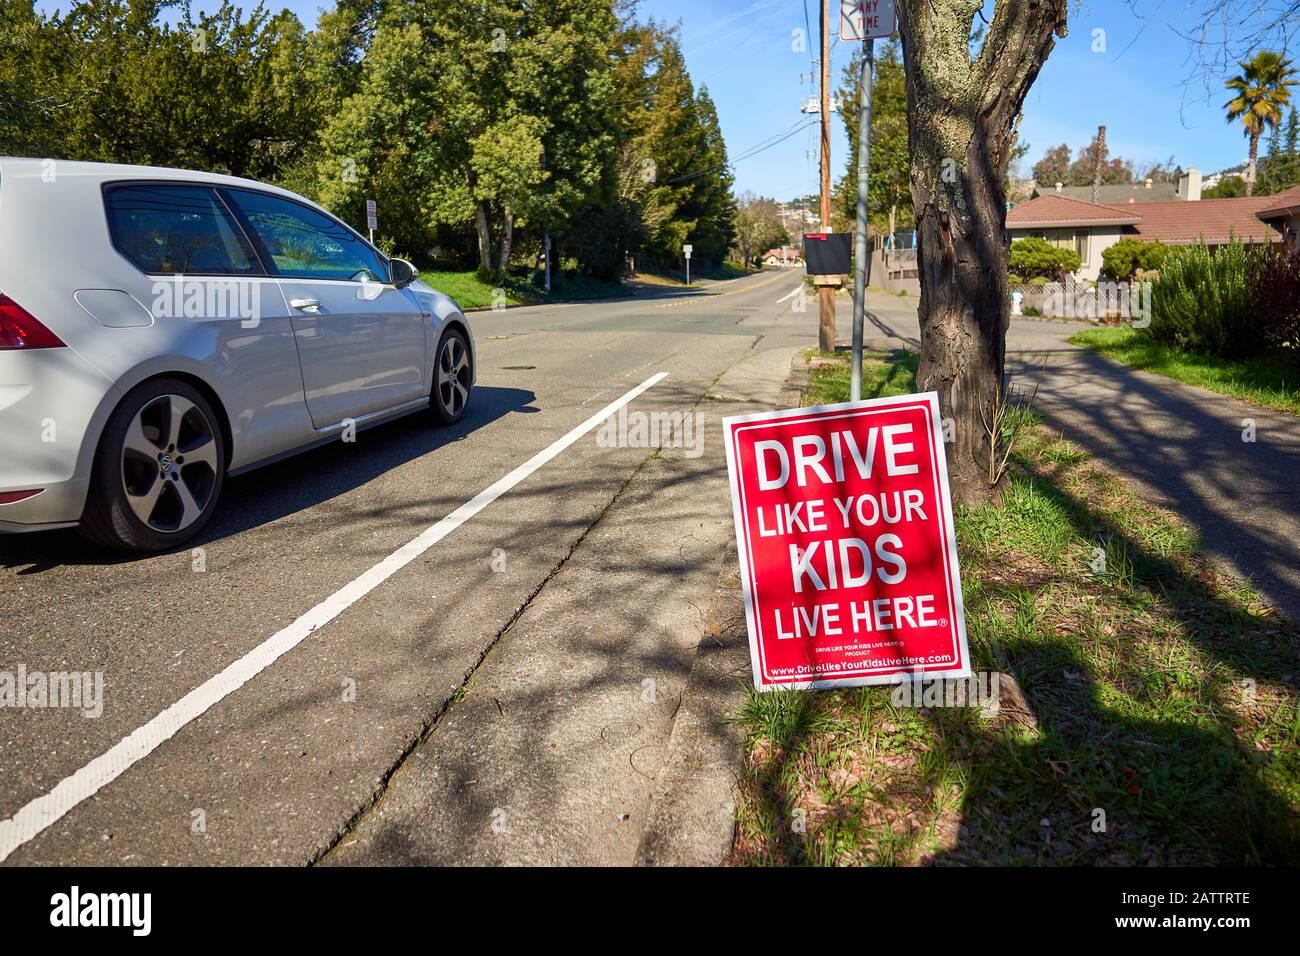 Una señal de carretera alertando a los conductores lee CONDUCIR COMO SUS HIJOS VIVEN AQUÍ mientras un coche blanco pasa por una calle en Santa Rosa, California. Foto de stock